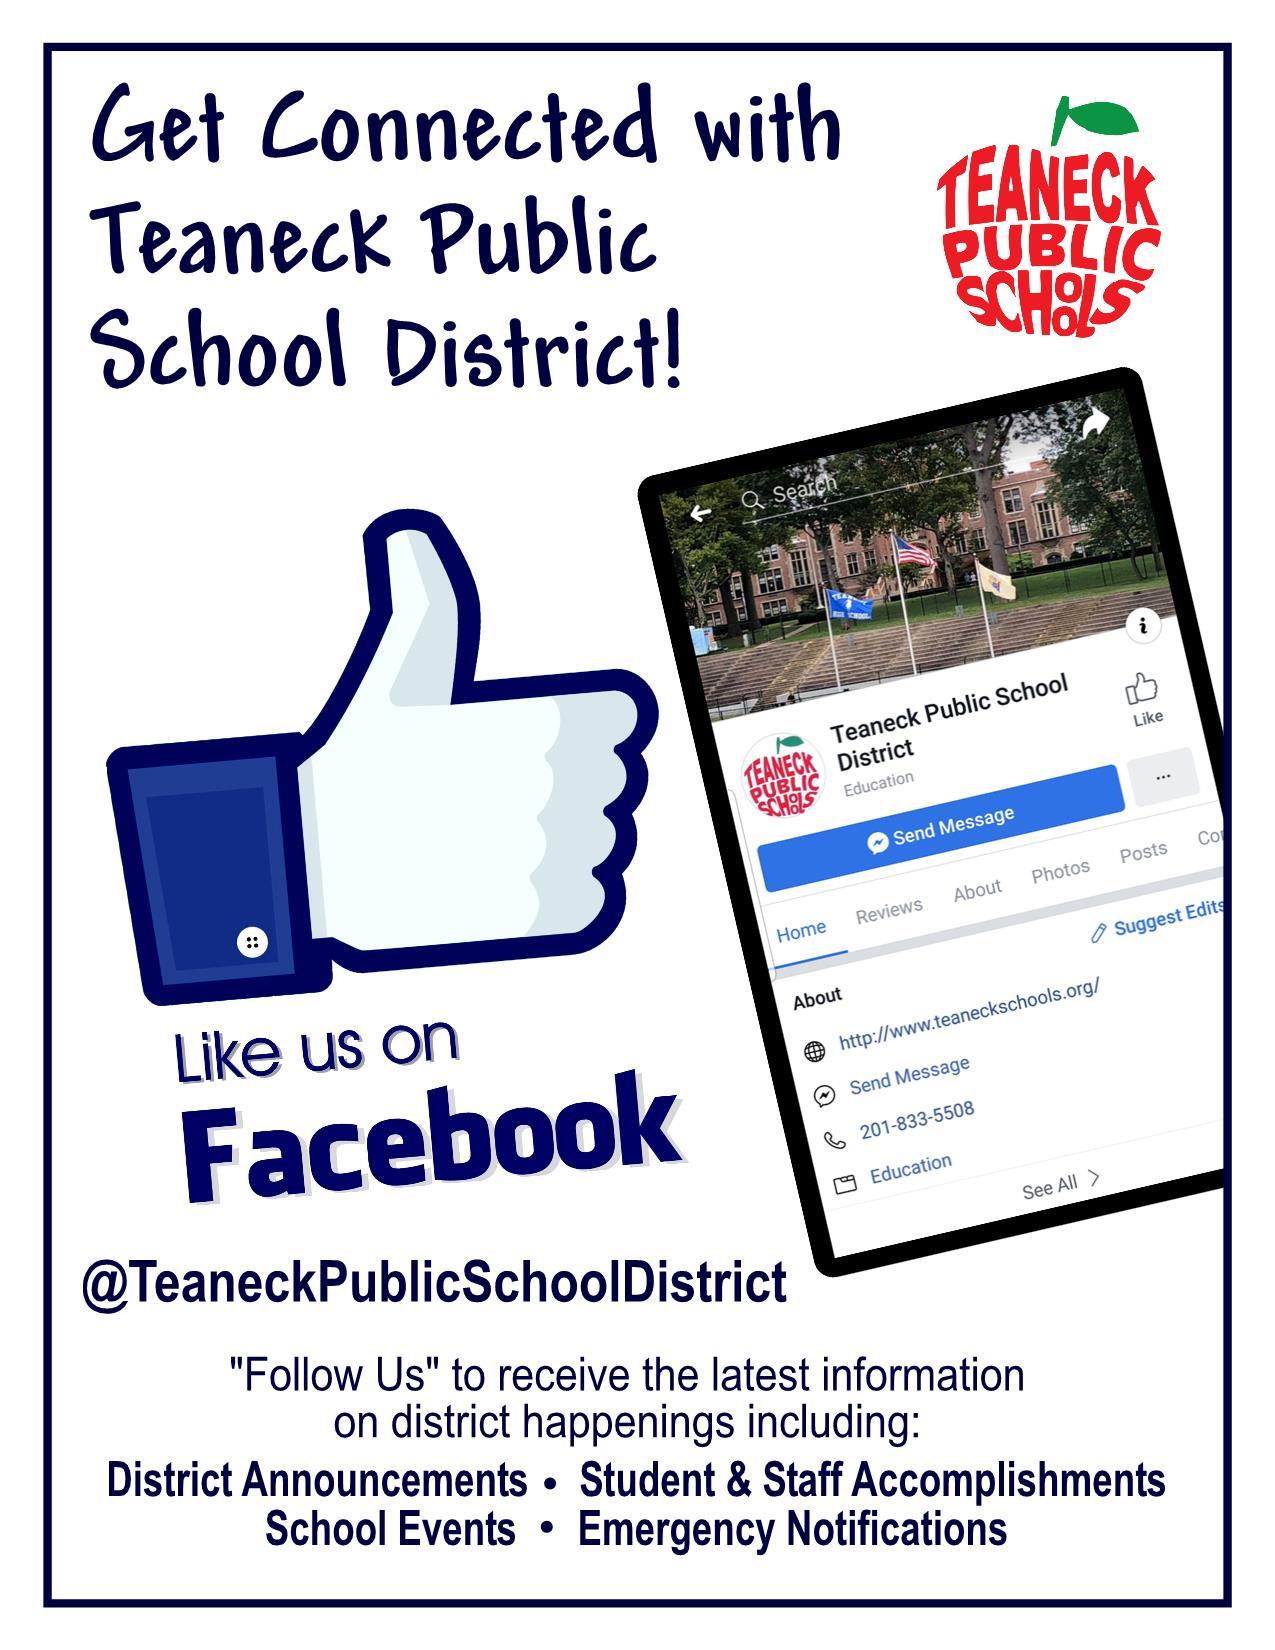 Teaneck Facebook